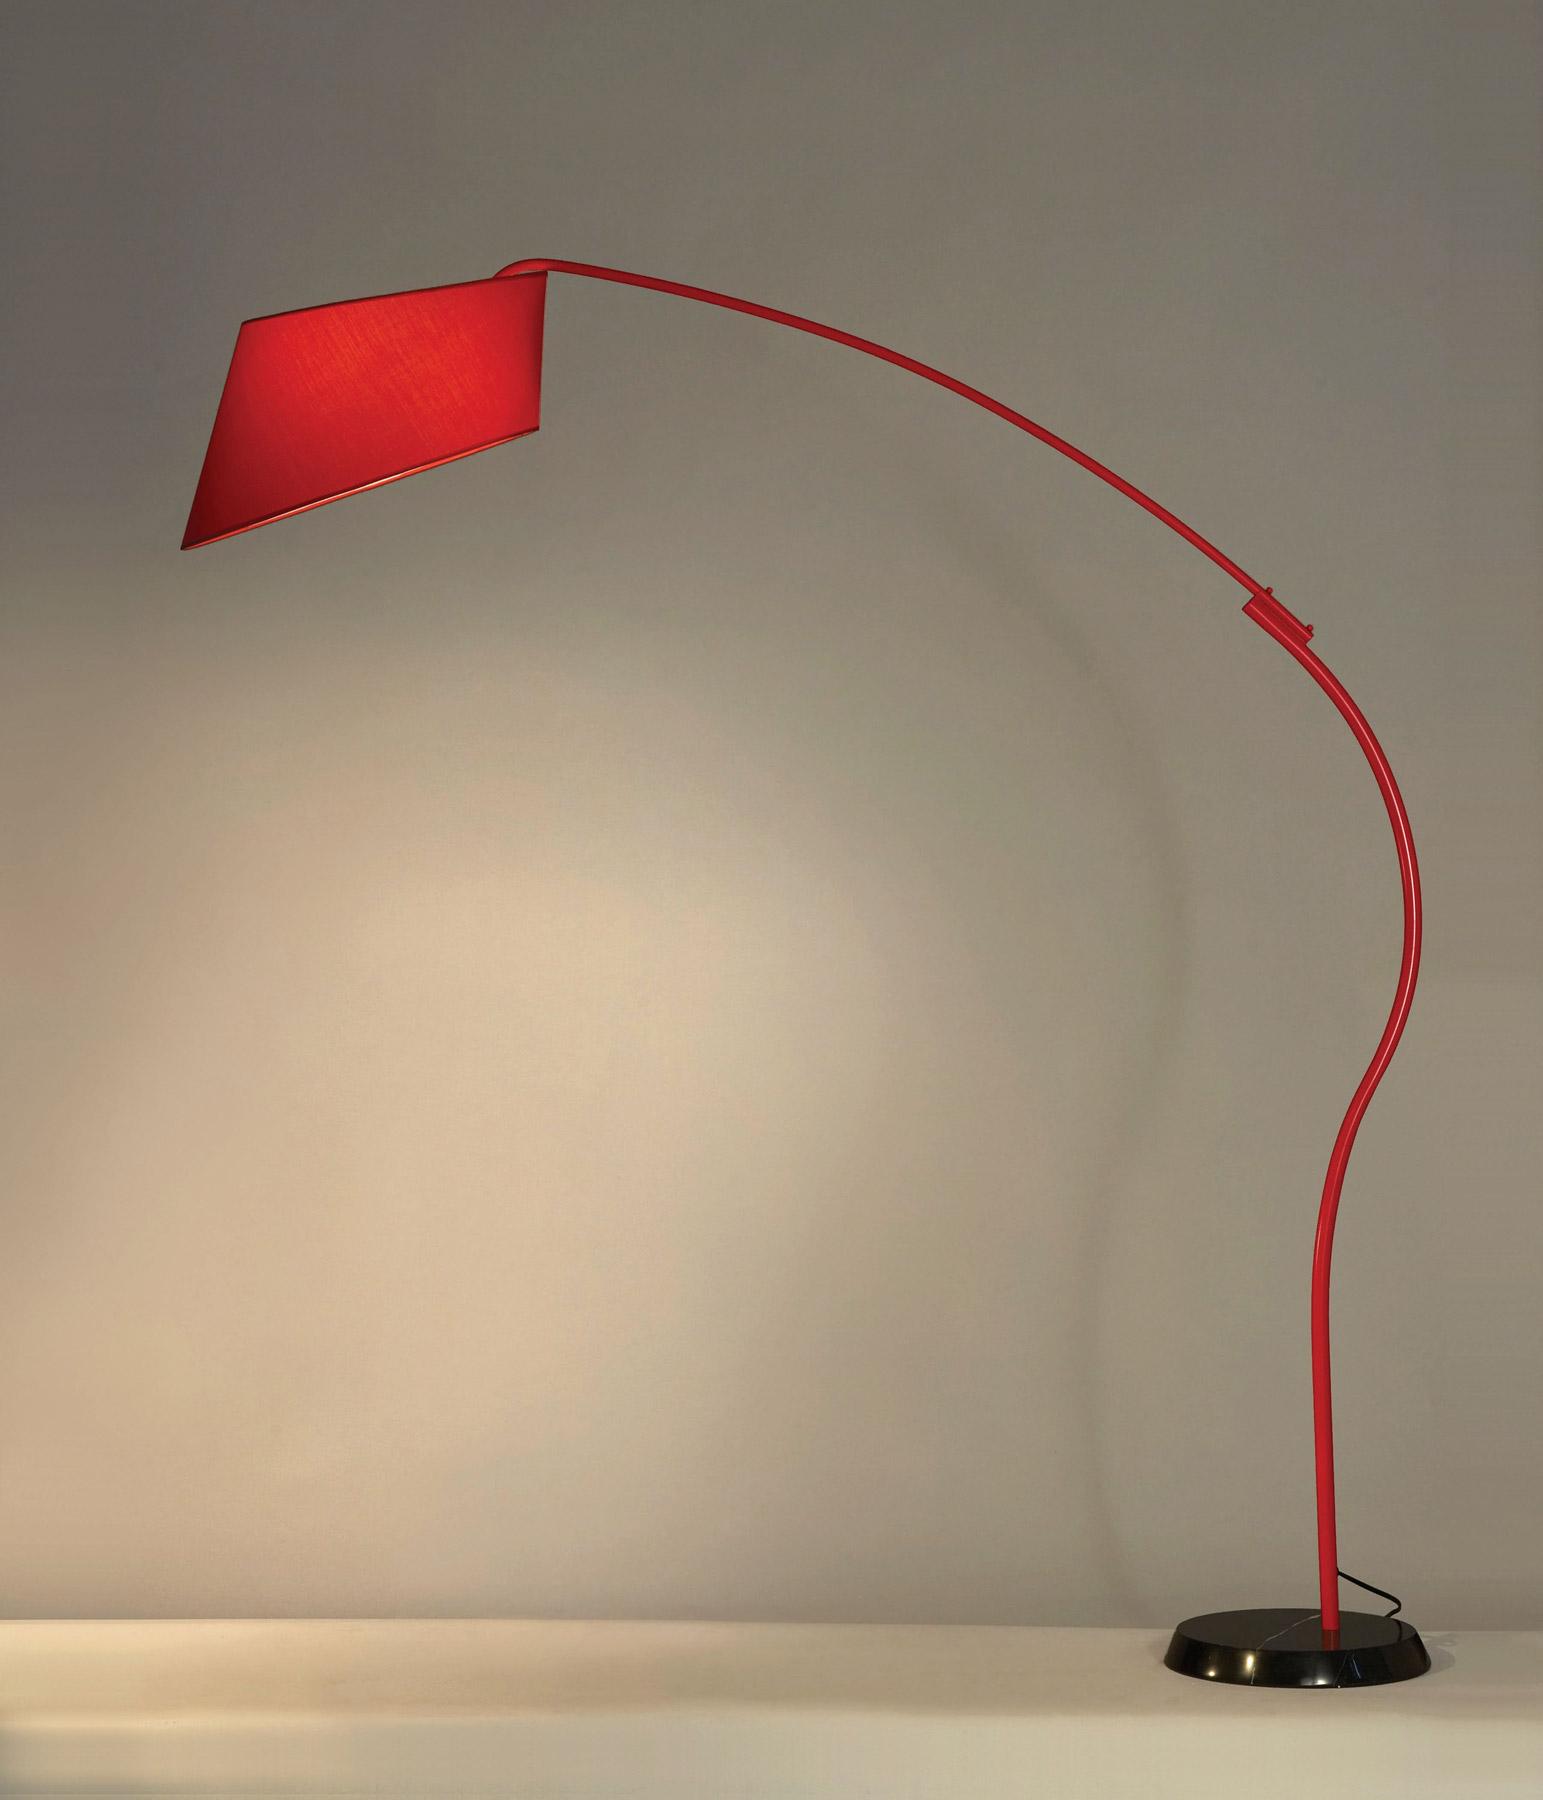 Nova Lighting 11741 Ibis Red Arc Floor Lamp